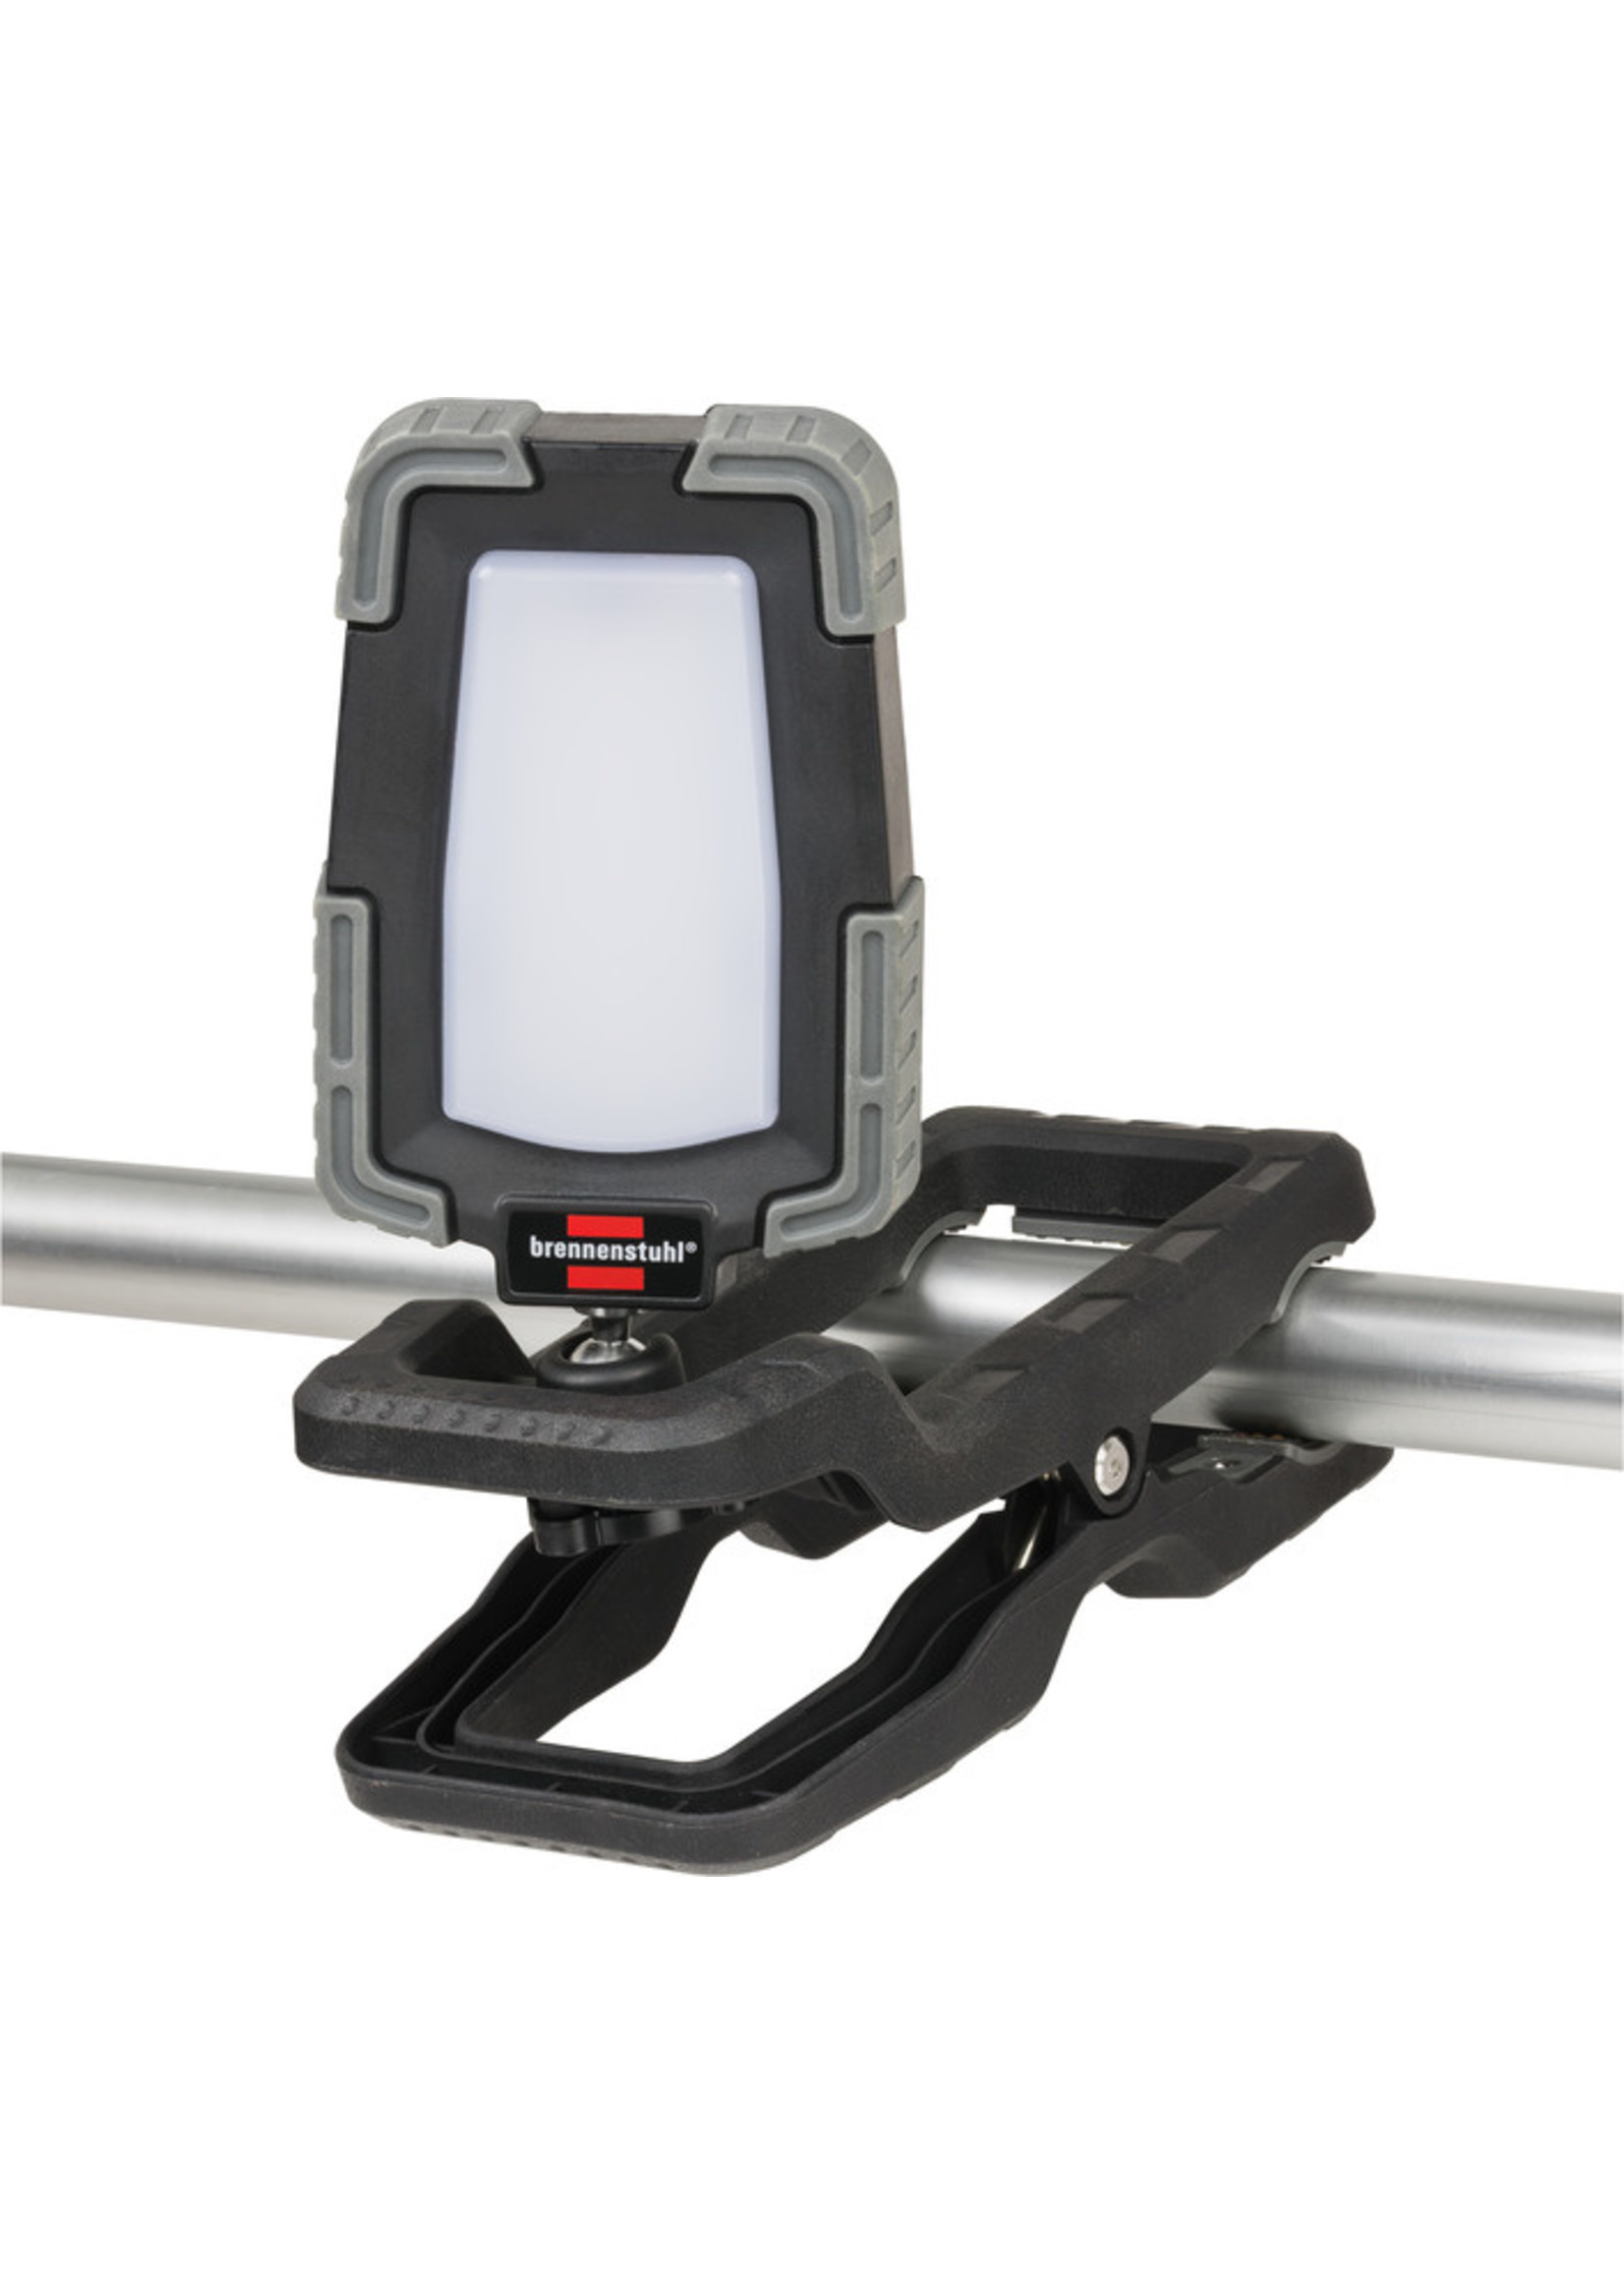 Brennenstuhl Brennenstuhl 1173070010 LED Werklamp werkt op accu 10 W 950 lm